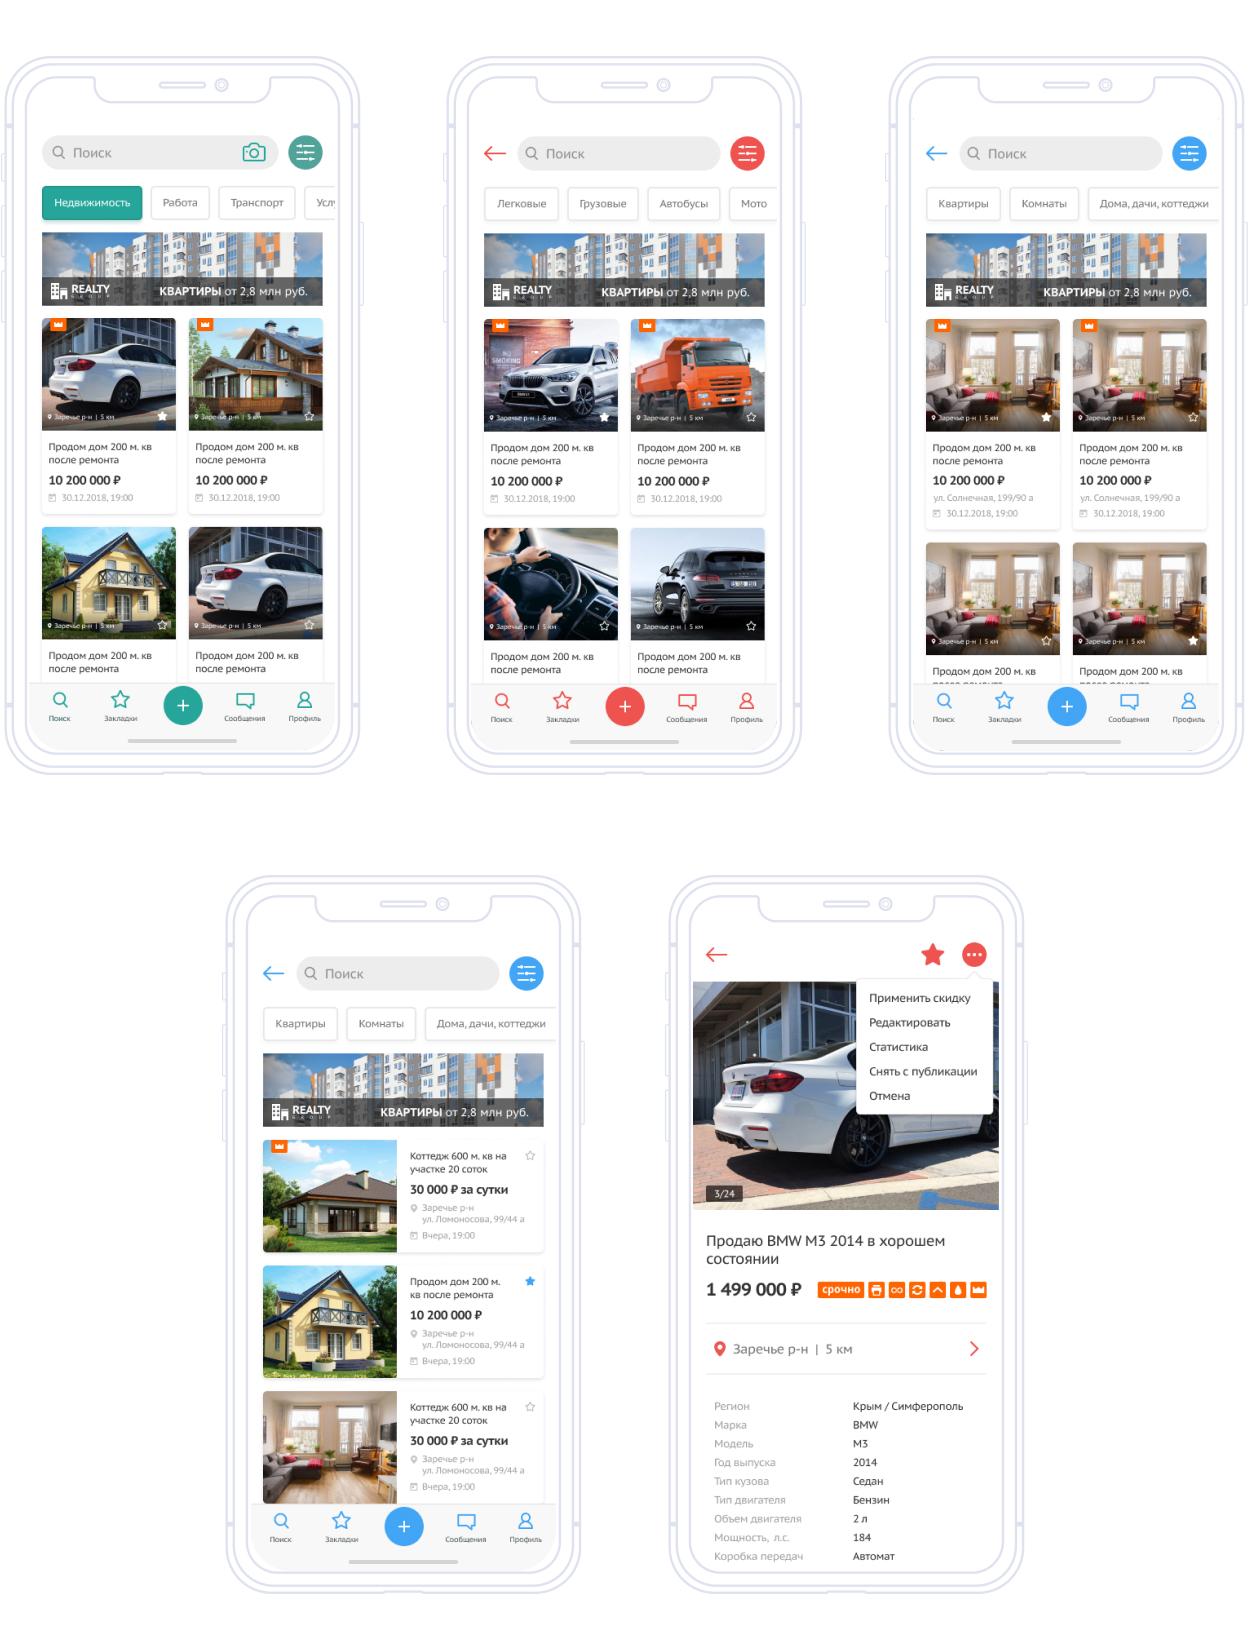 QP.ru (iOS / Android app)